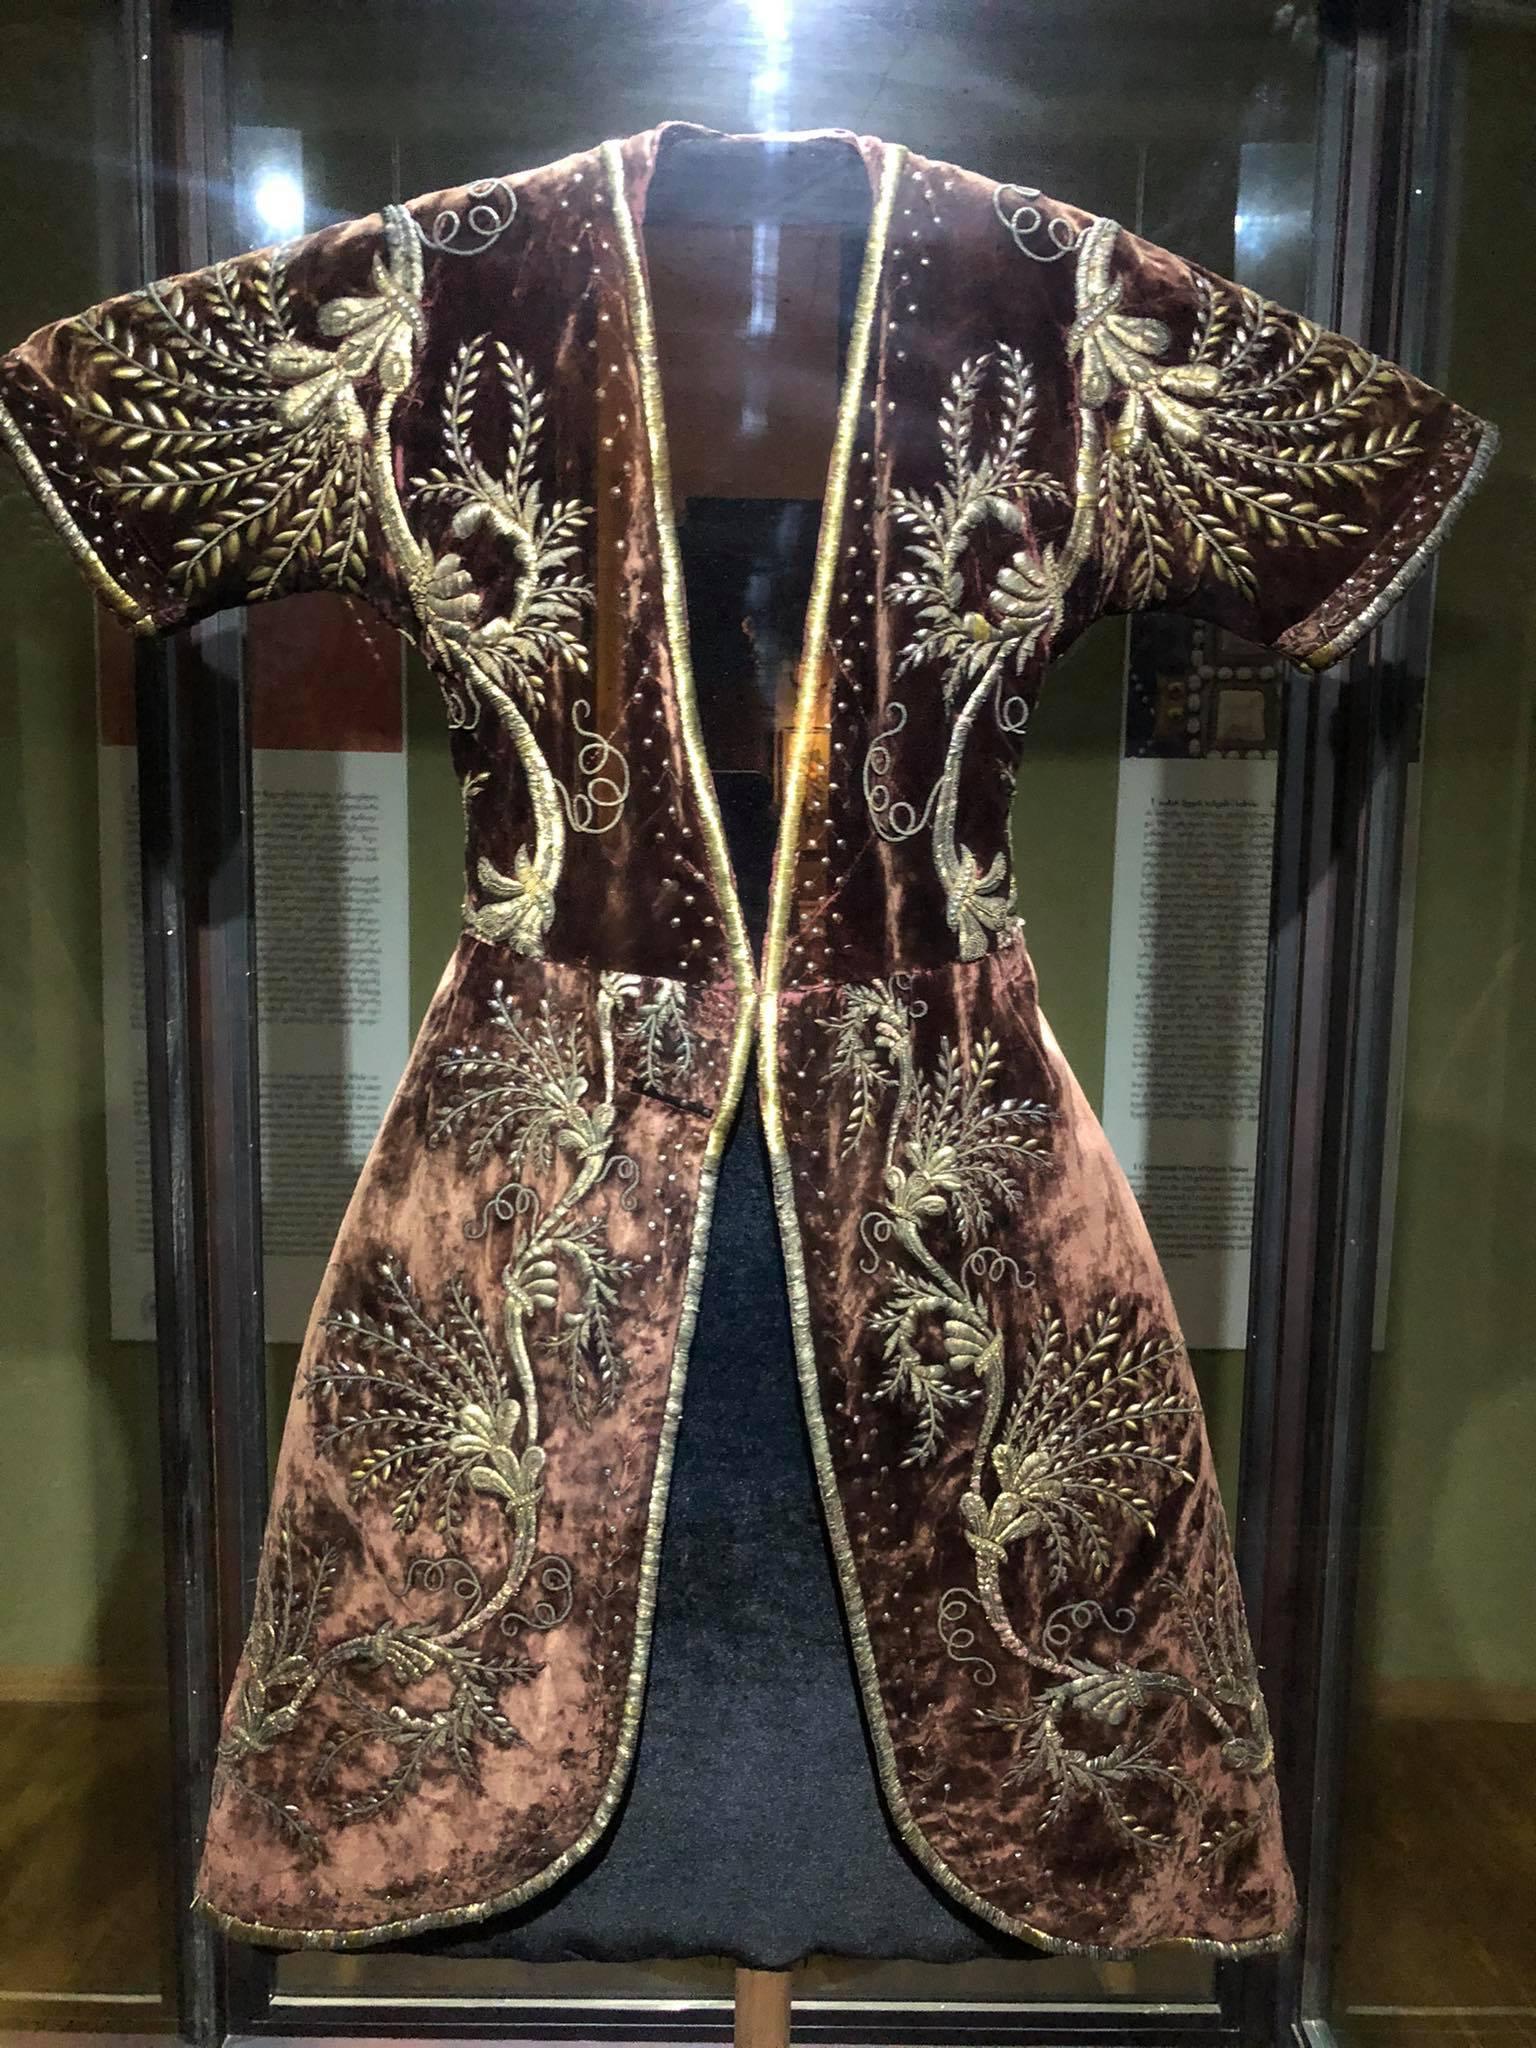 188486877 500204421227375 8109717217278394817 n Другая SOVA featured, Георгий Каландия, Дворец искусств, мода, национальный костюм, чоха